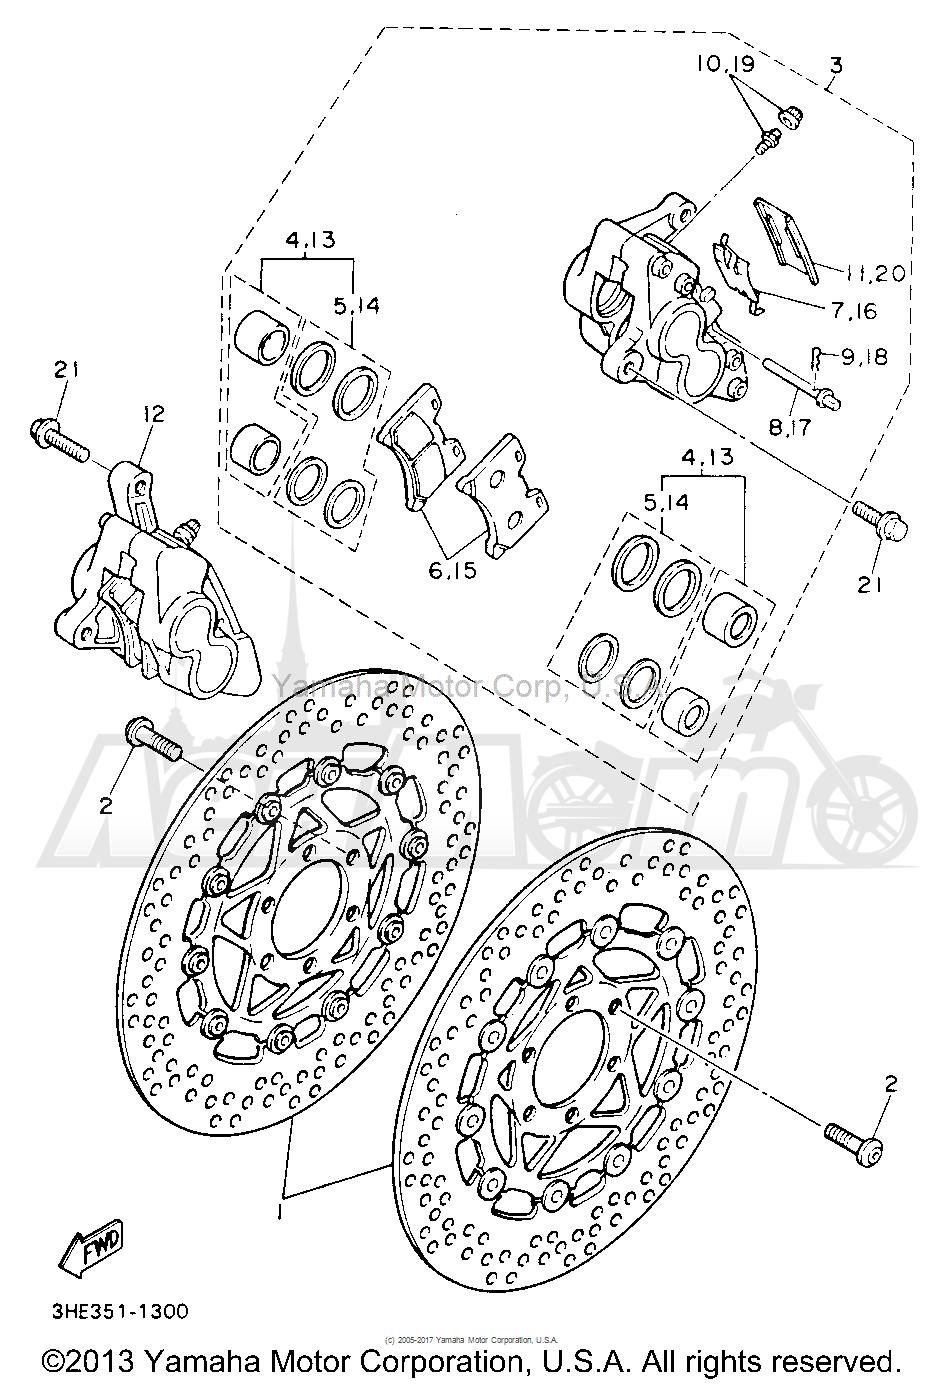 Запчасти для Мотоцикла Yamaha 1991 FZR600RBC Раздел: FRONT BRAKE CALIPER | передний тормоз суппорт